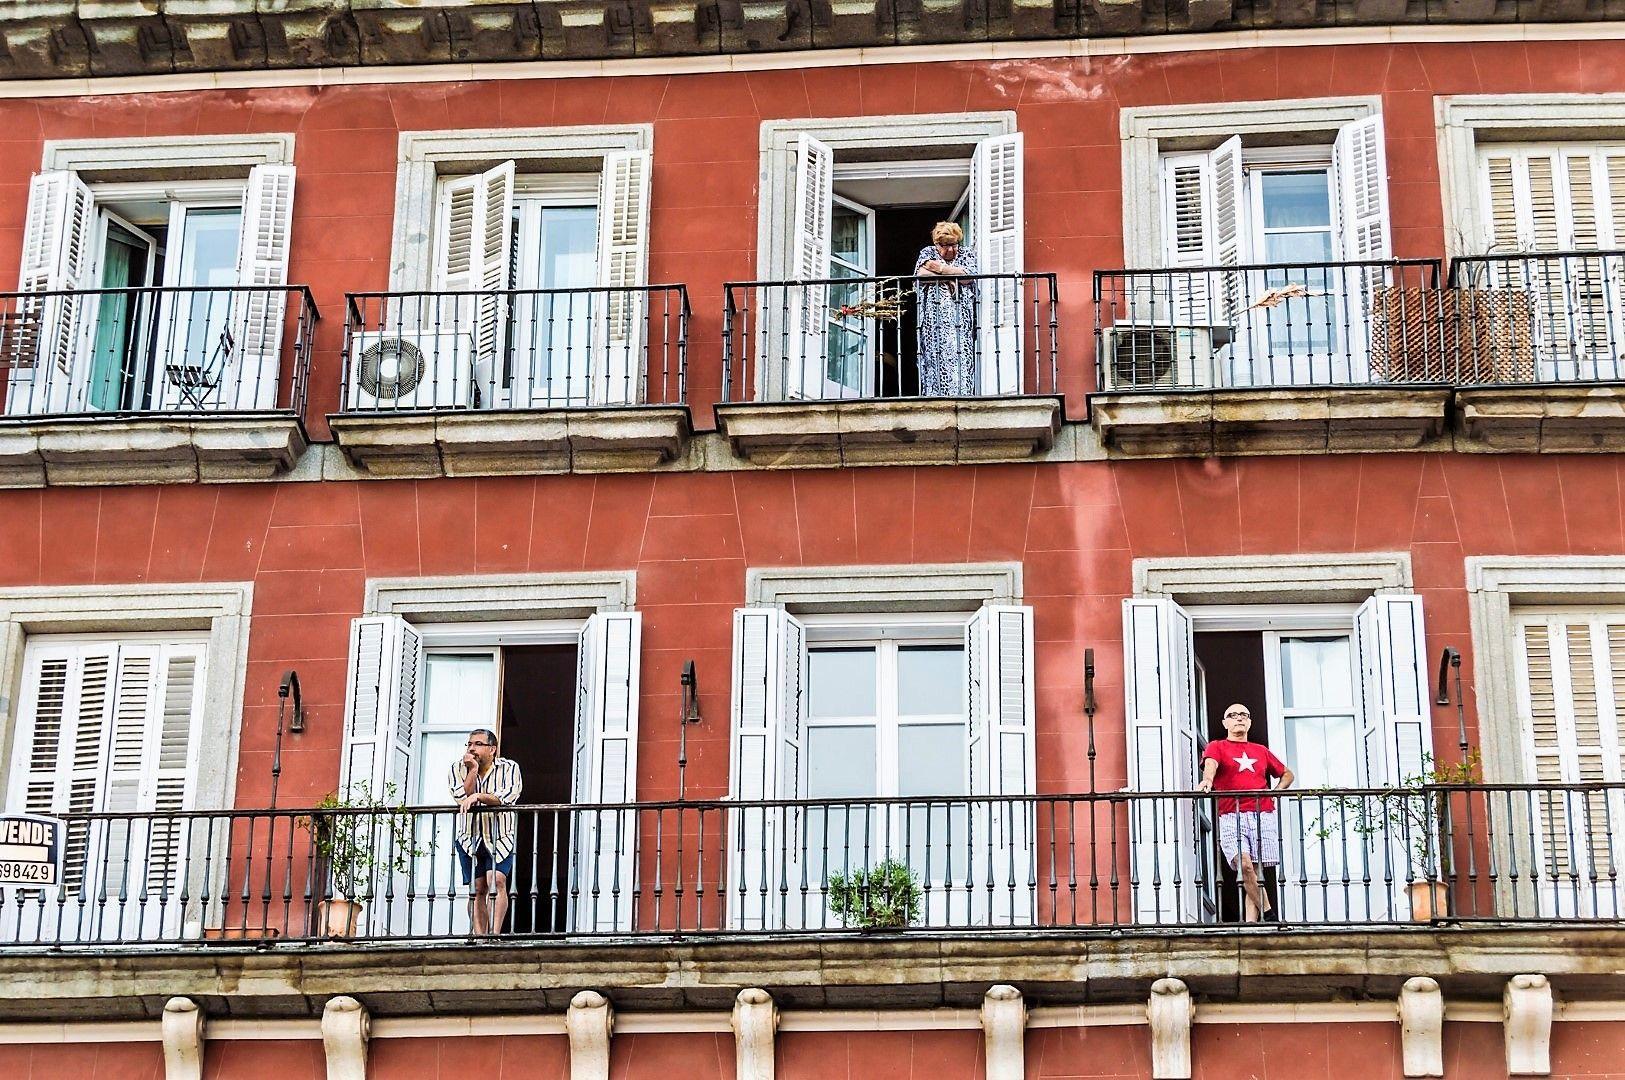 Programma Tv Ristrutturazione Casa dal bonus facciata ai mobili: tutti gli sconti per